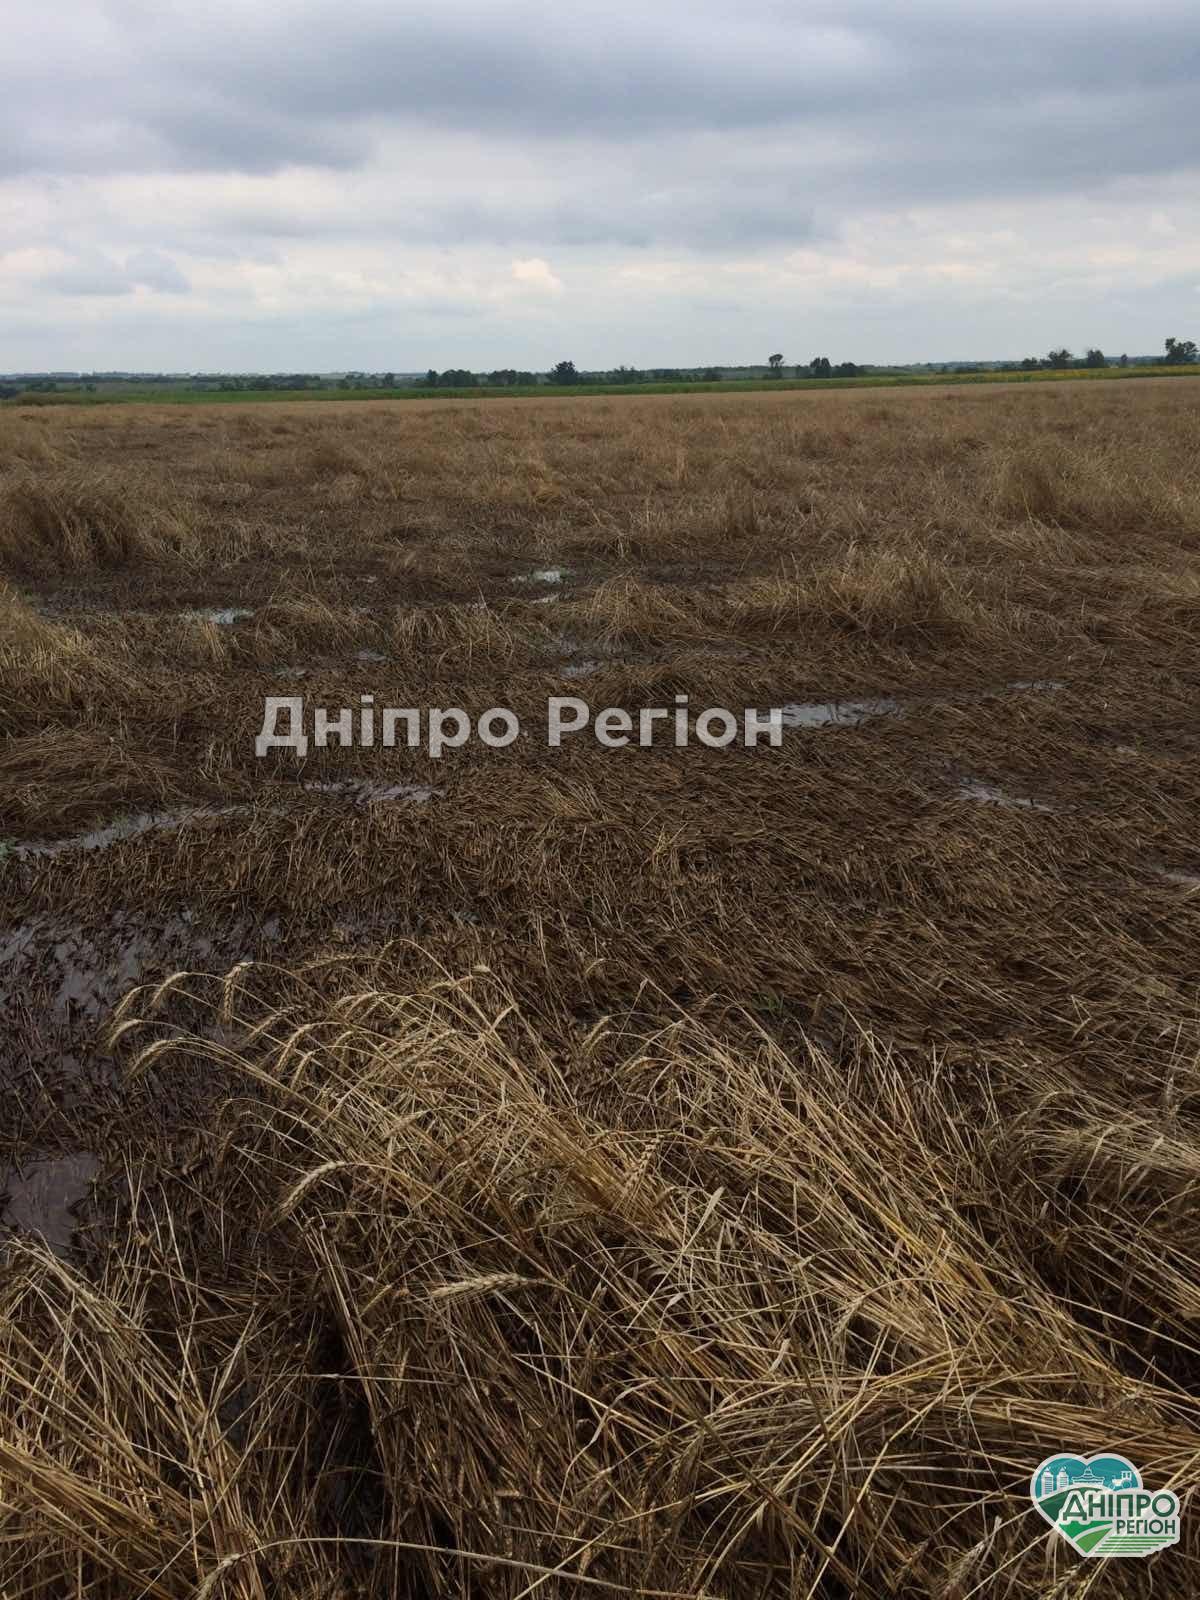 Фермери рахують збитки: на Дніпропетровщині ливні знищили весь урожай (Фото, Відео)